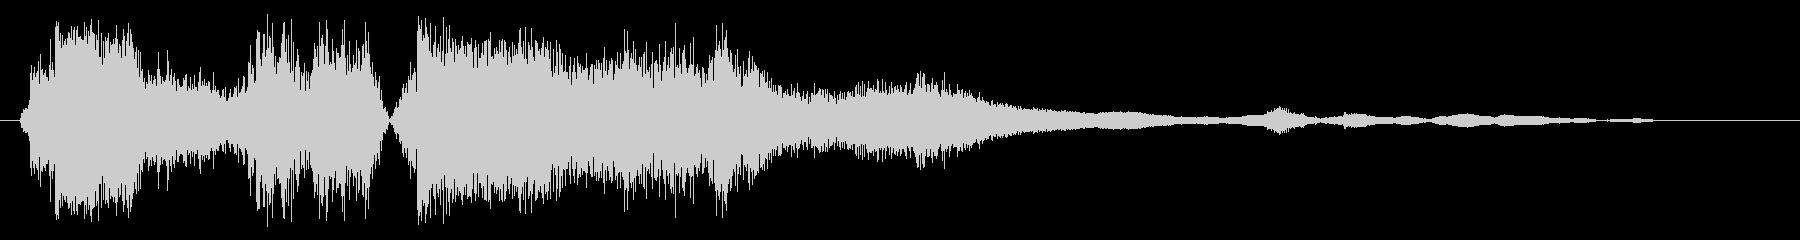 ガチャン(金属・ガラス音)の未再生の波形